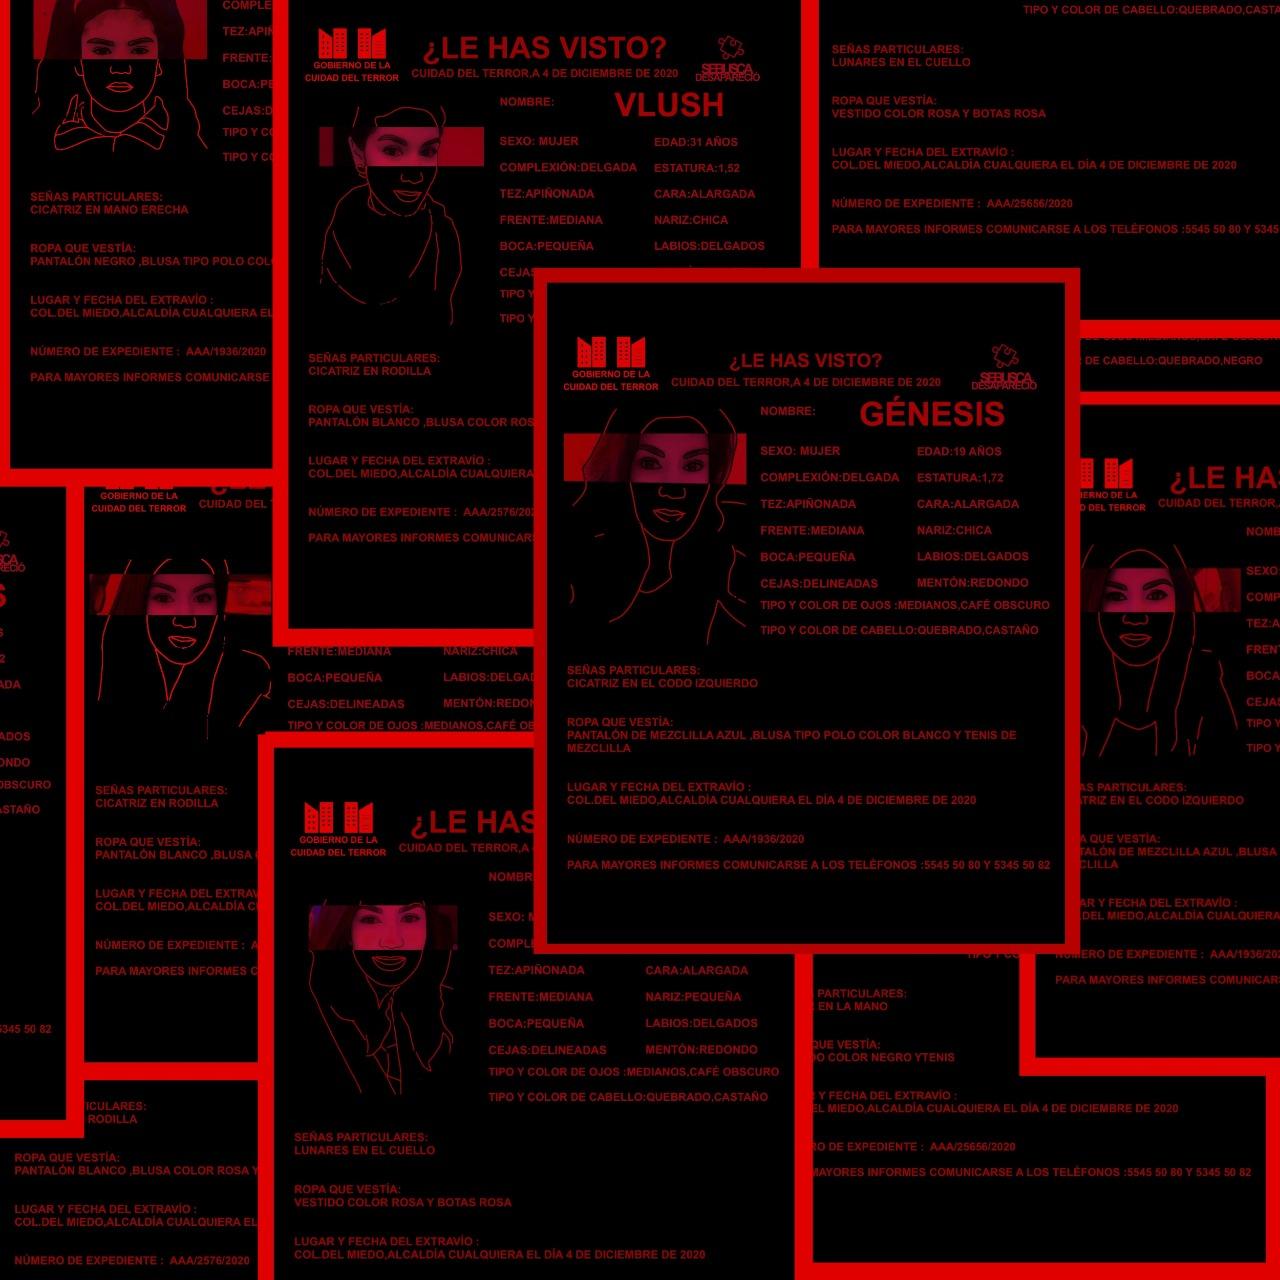 VLUSH estrena GENESIS nuevo sencillo de Aqui Vive el Horror